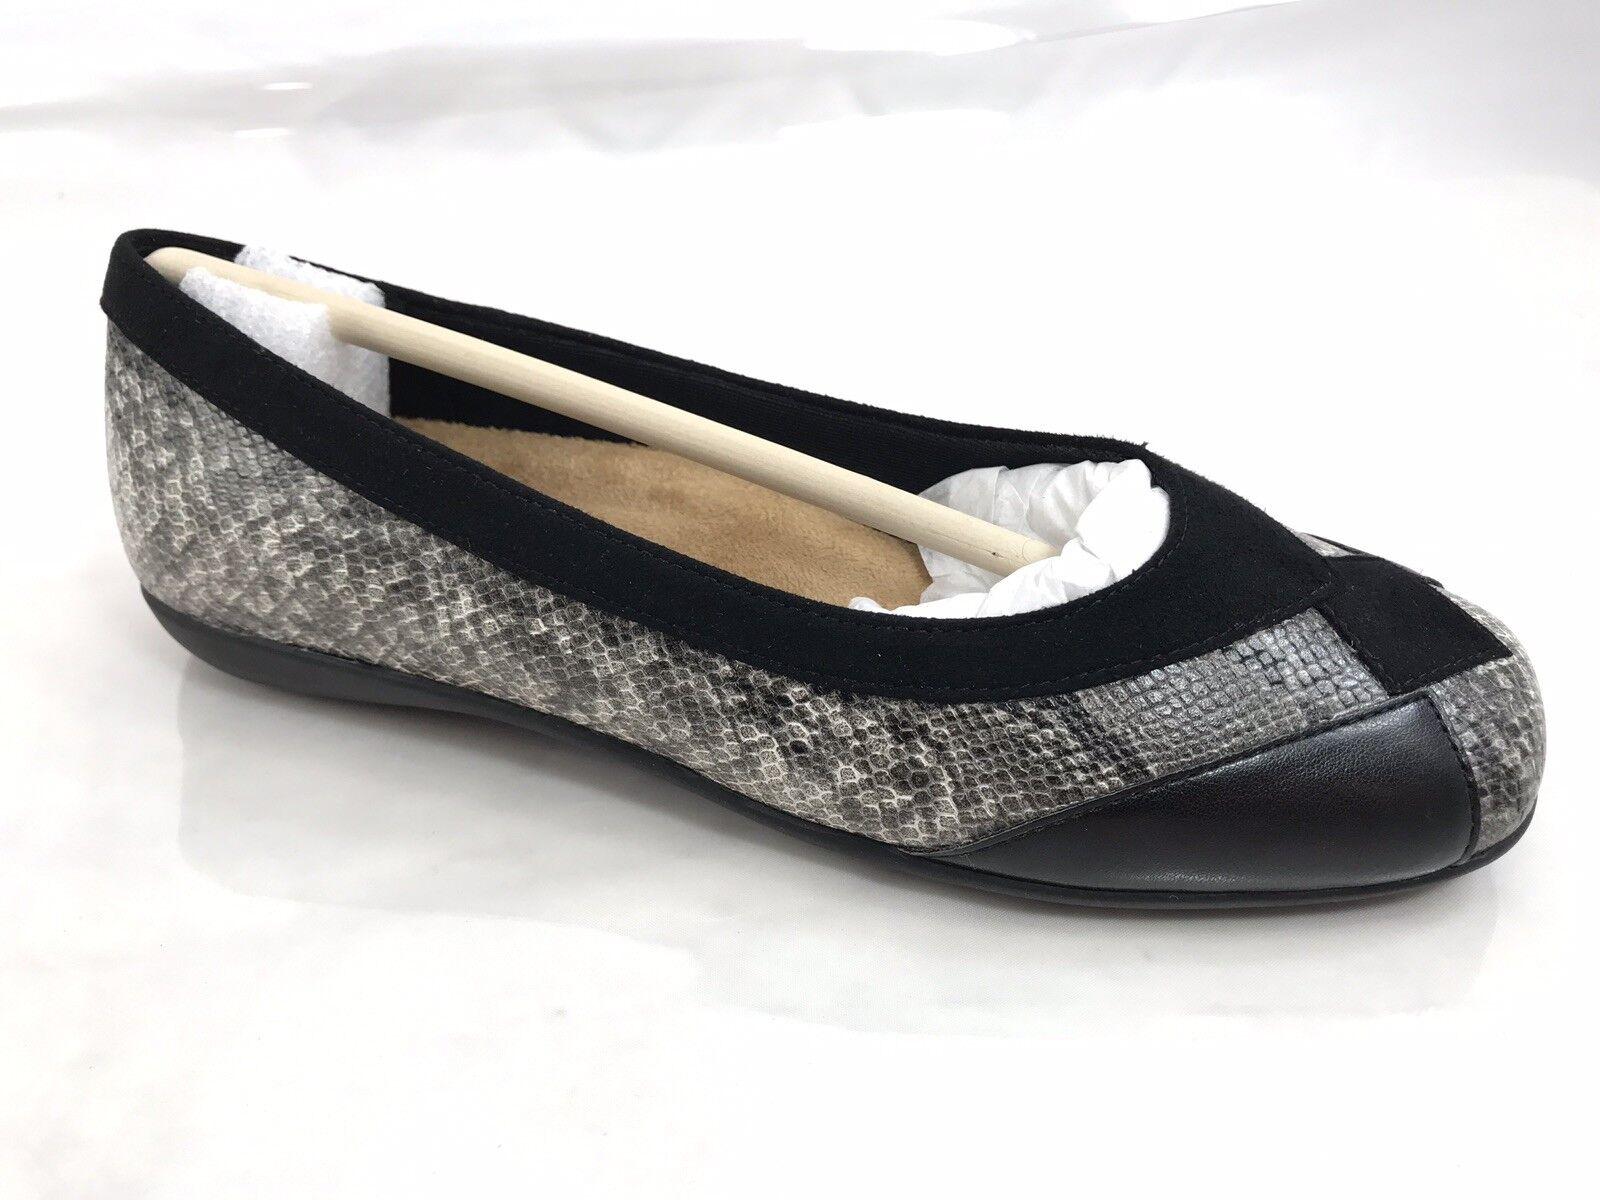 Trojoters Sharp Ballet Zapatos sin Taco Sin para para para mujer Talla 5.5 M antideslizante en Negro Estampado De Serpiente Nuevo  Envio gratis en todas las ordenes